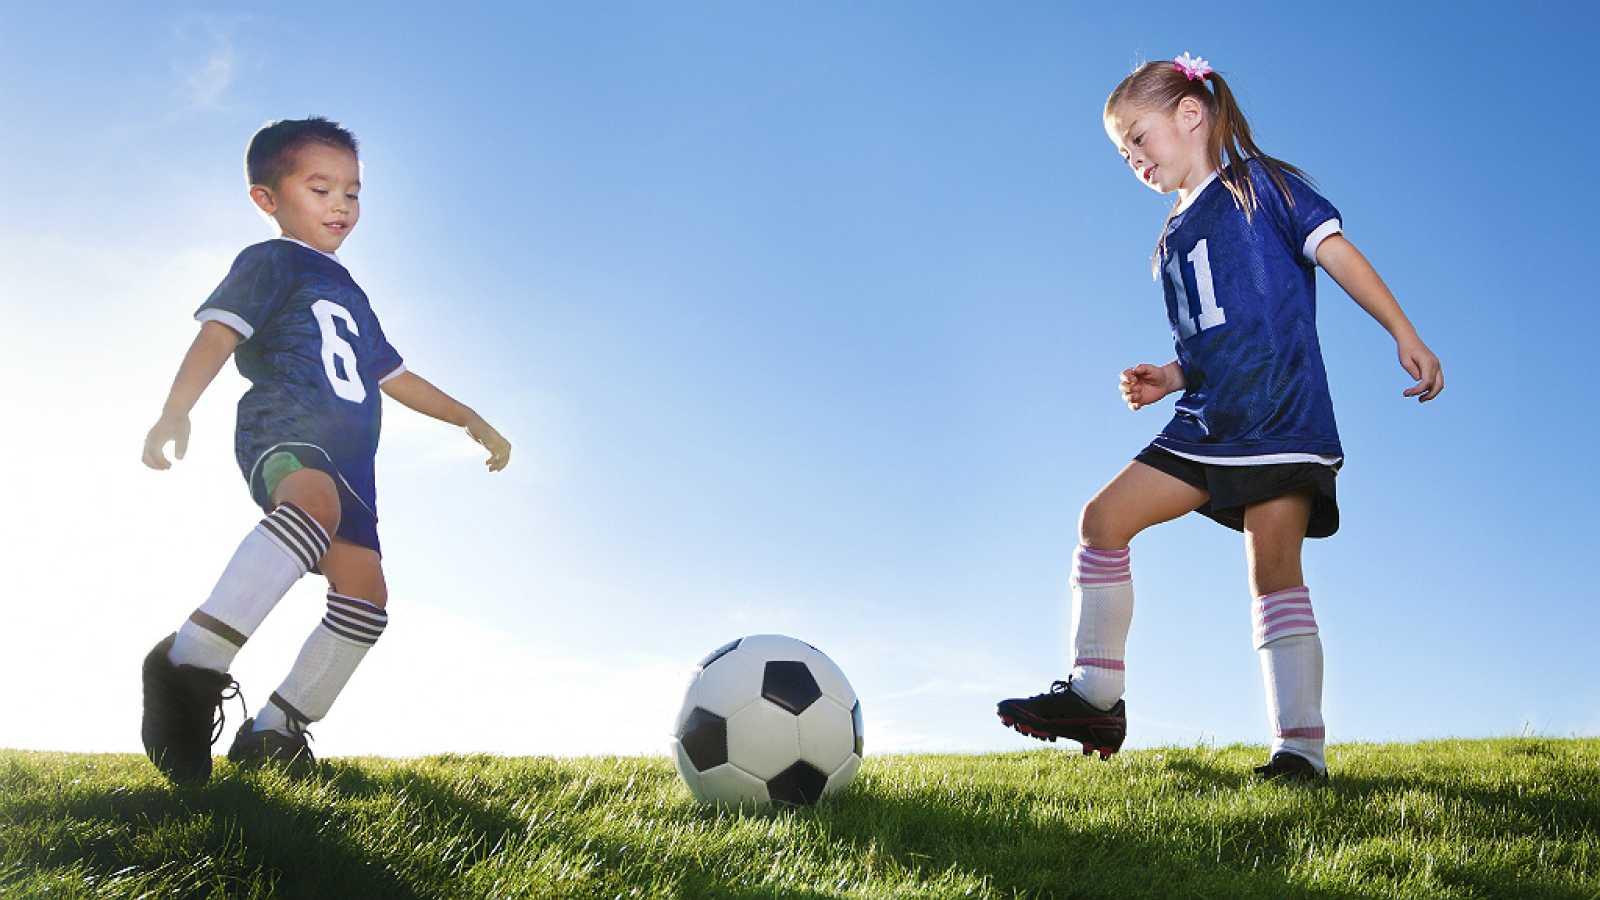 España vuelta y vuelta - Desigualdad de género en el deporte profesional y aficionado - 29/05/18 - Escuchar ahora